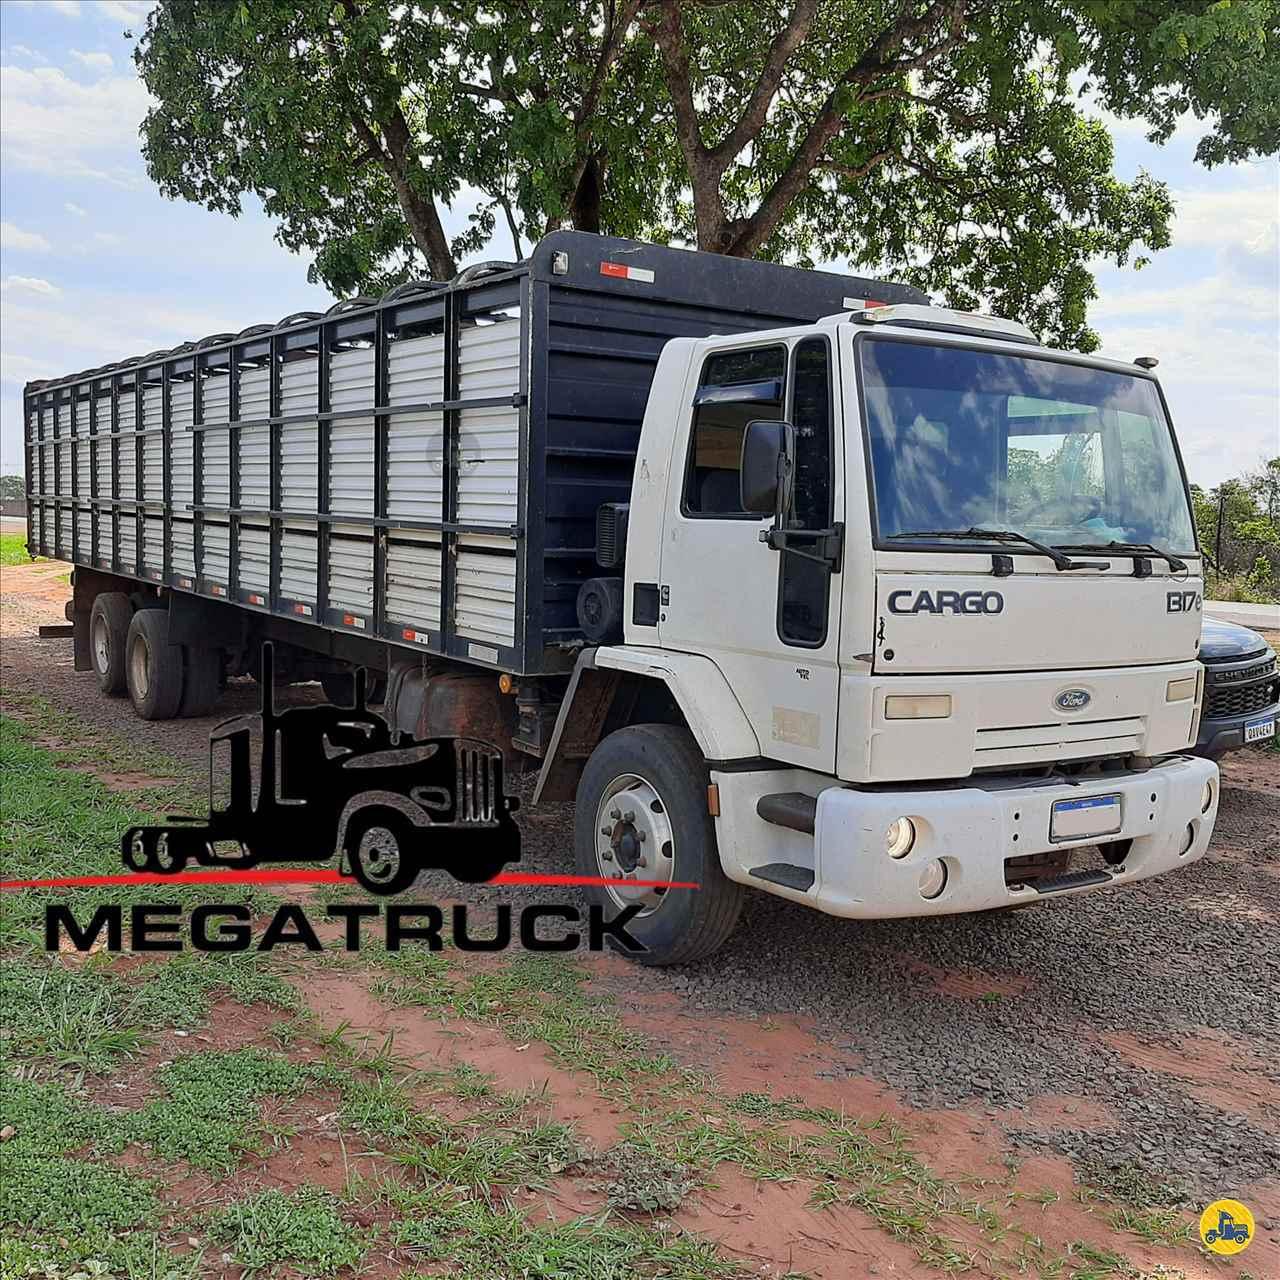 CAMINHAO FORD CARGO 1317 Boiadeiro Truck 6x2 Megatruck Caminhões e Máquinas CAMPO GRANDE MATO GROSSO DO SUL MS